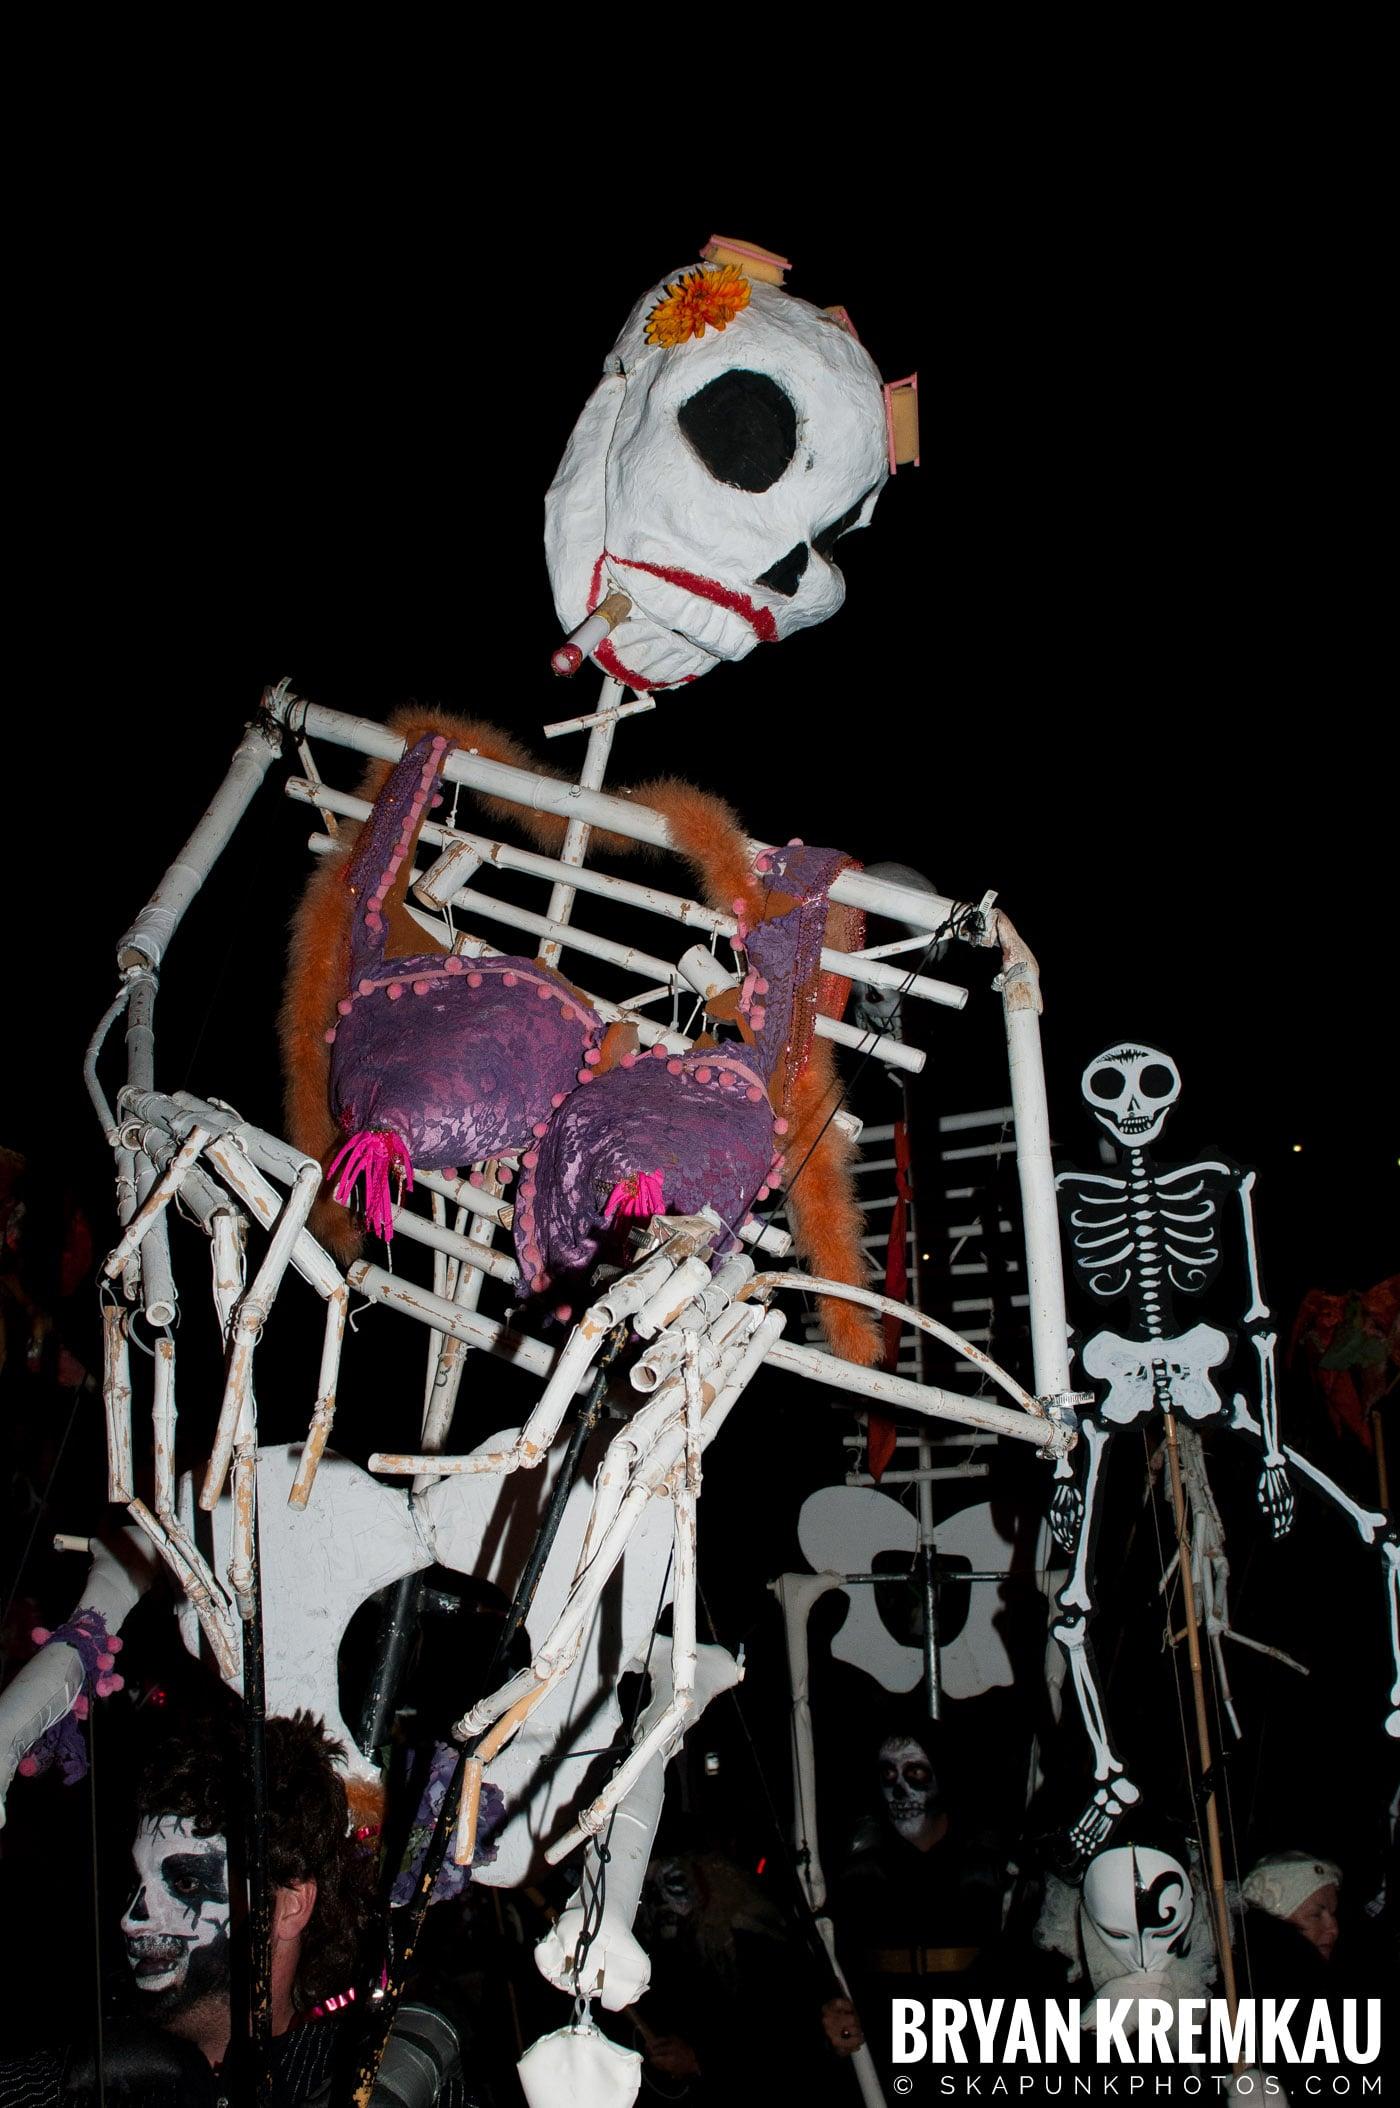 NYC Halloween Parade 2011 @ New York, NY - 10.31.11 (92)